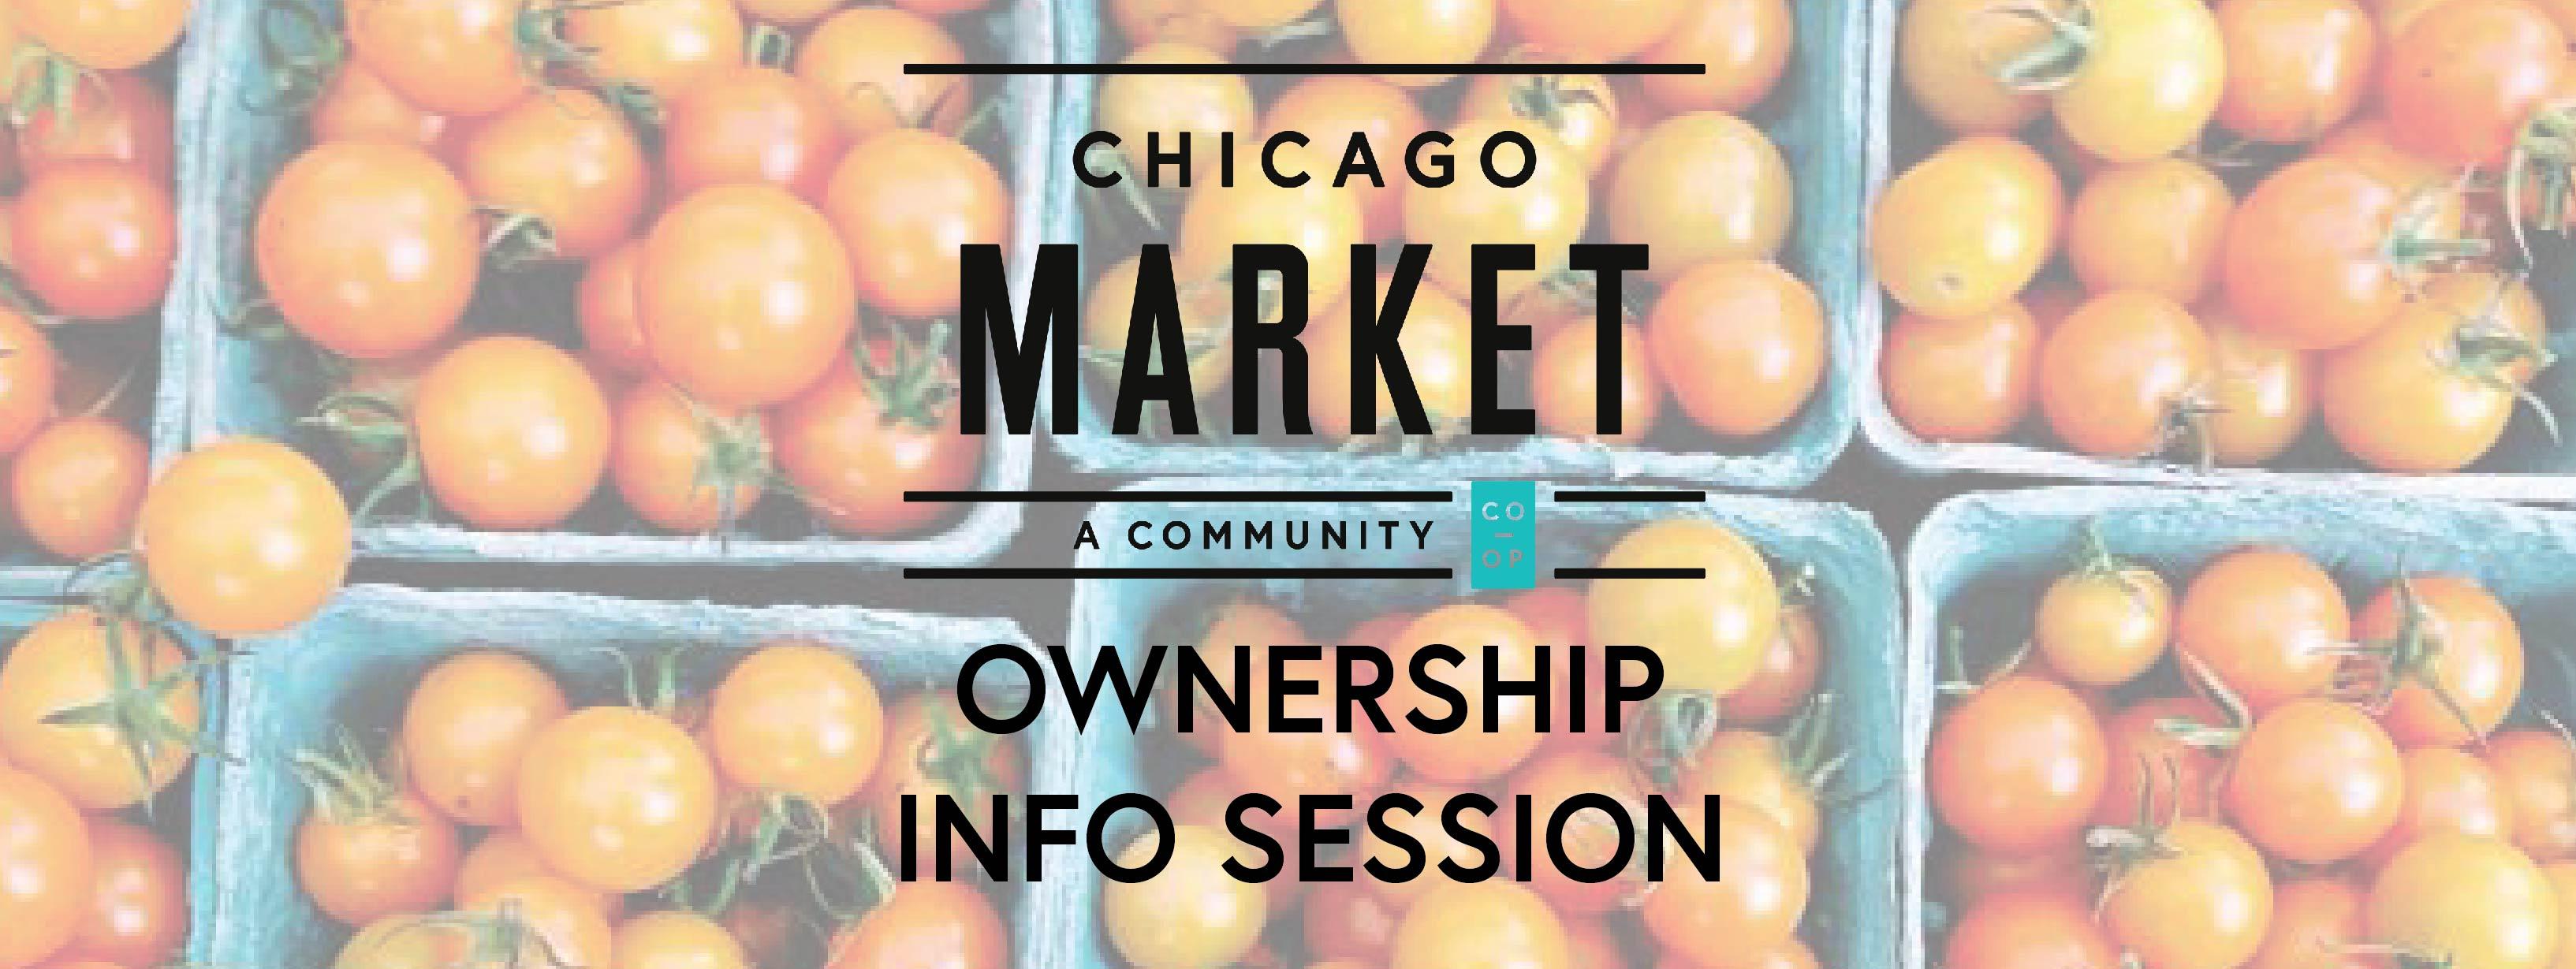 chimark_info-session-banner-3-01.jpg